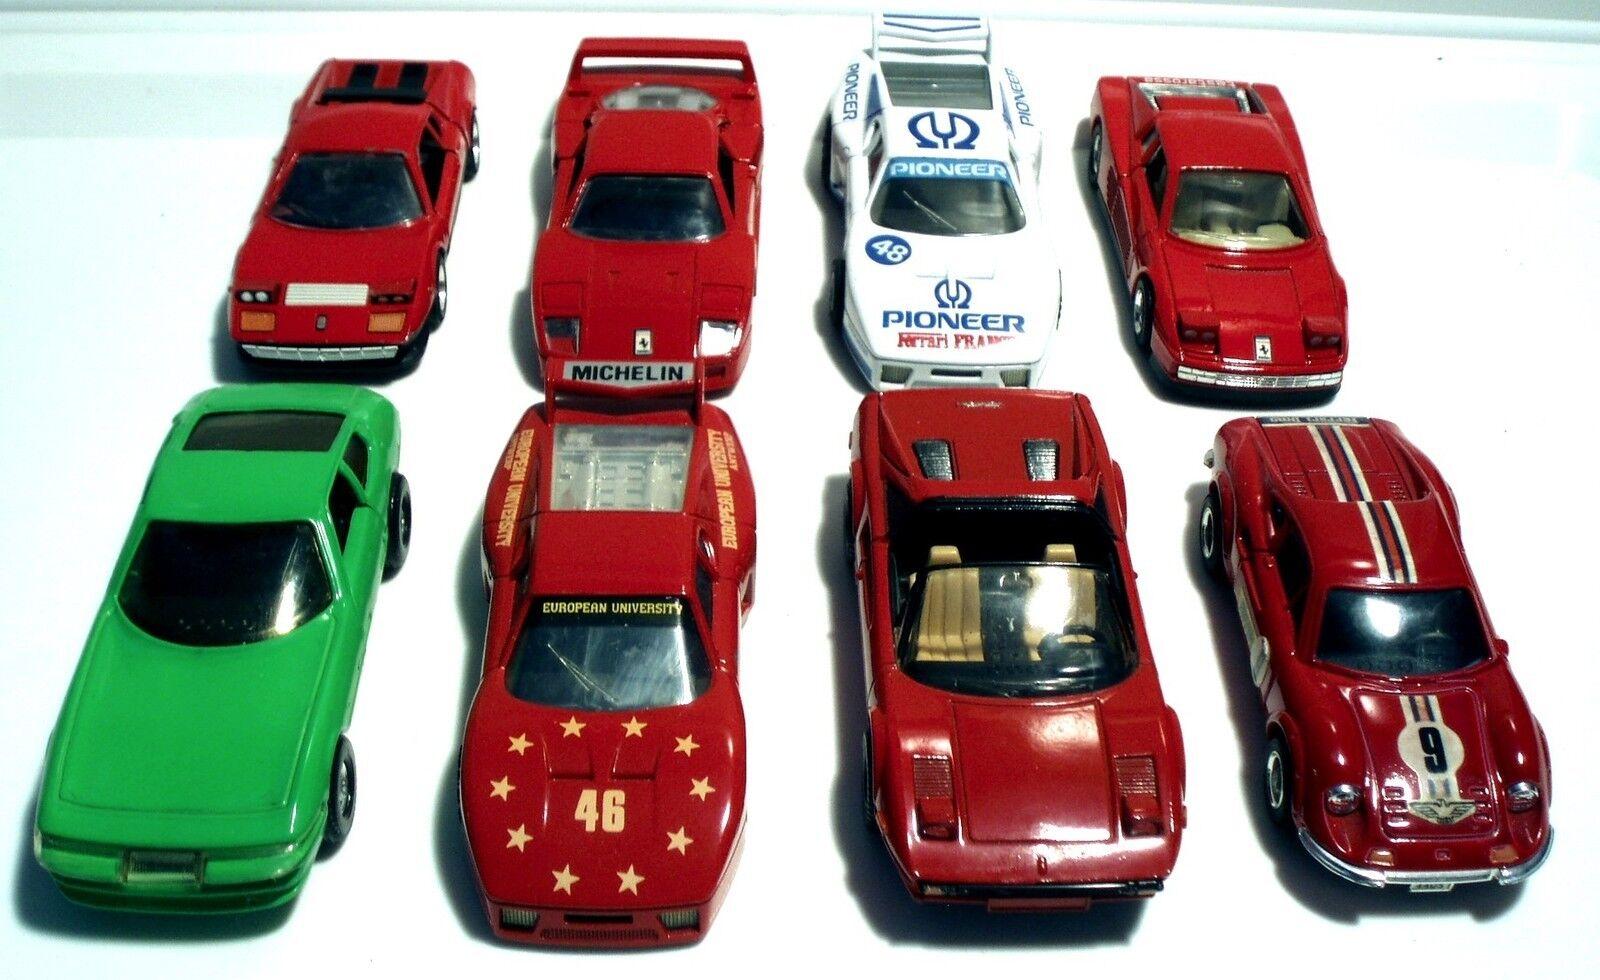 Diez de los ocho Ferrari Ferrari Ferrari eran juguetes Koji, cajas de cerillas, shinshinshing, Nagasawa, juguetes Mc. 663